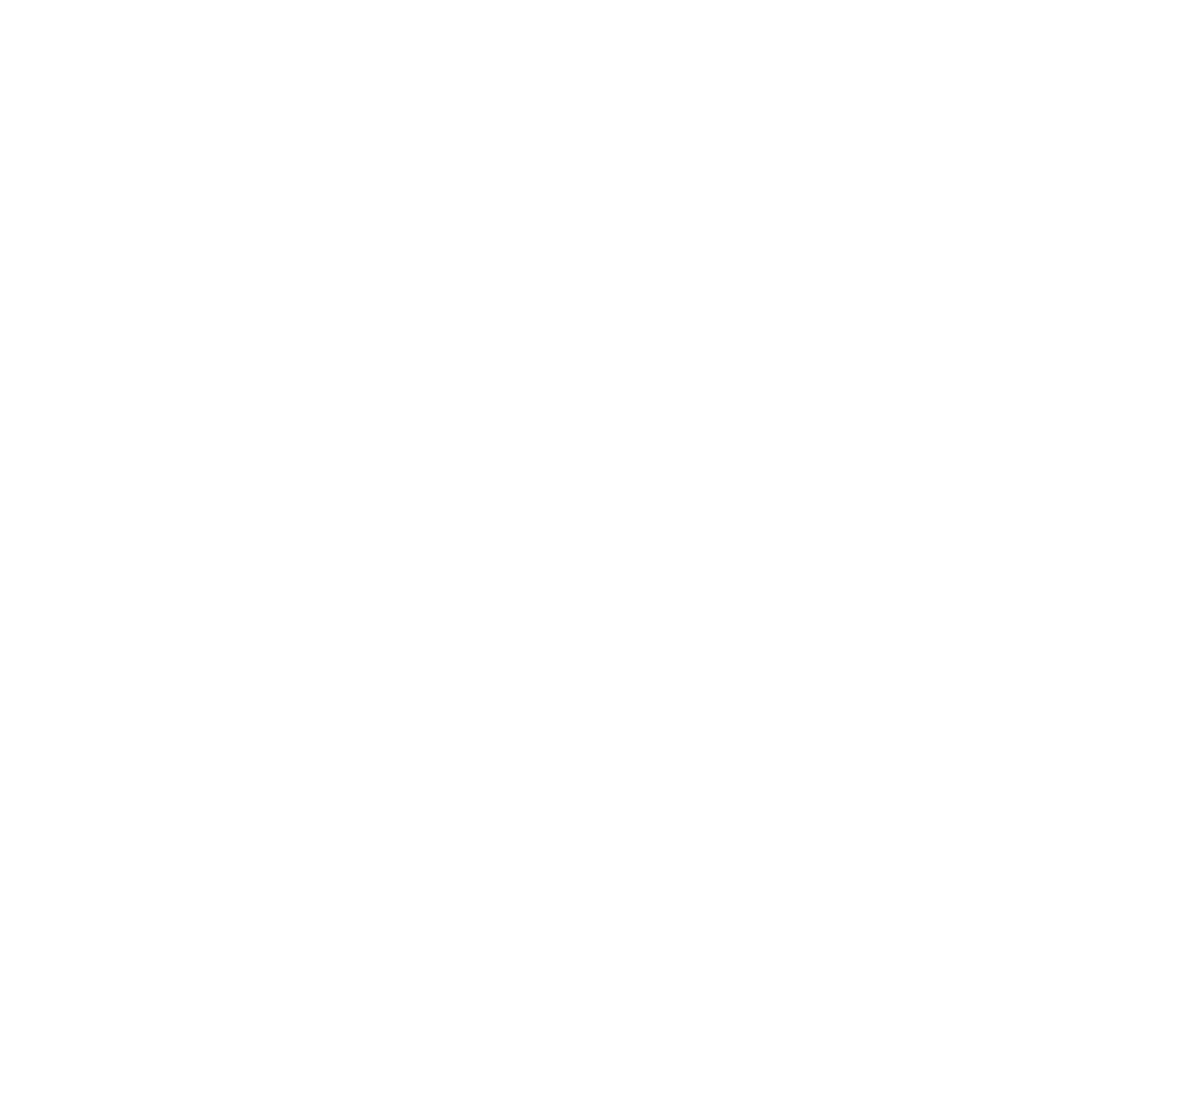 Nuva Photography